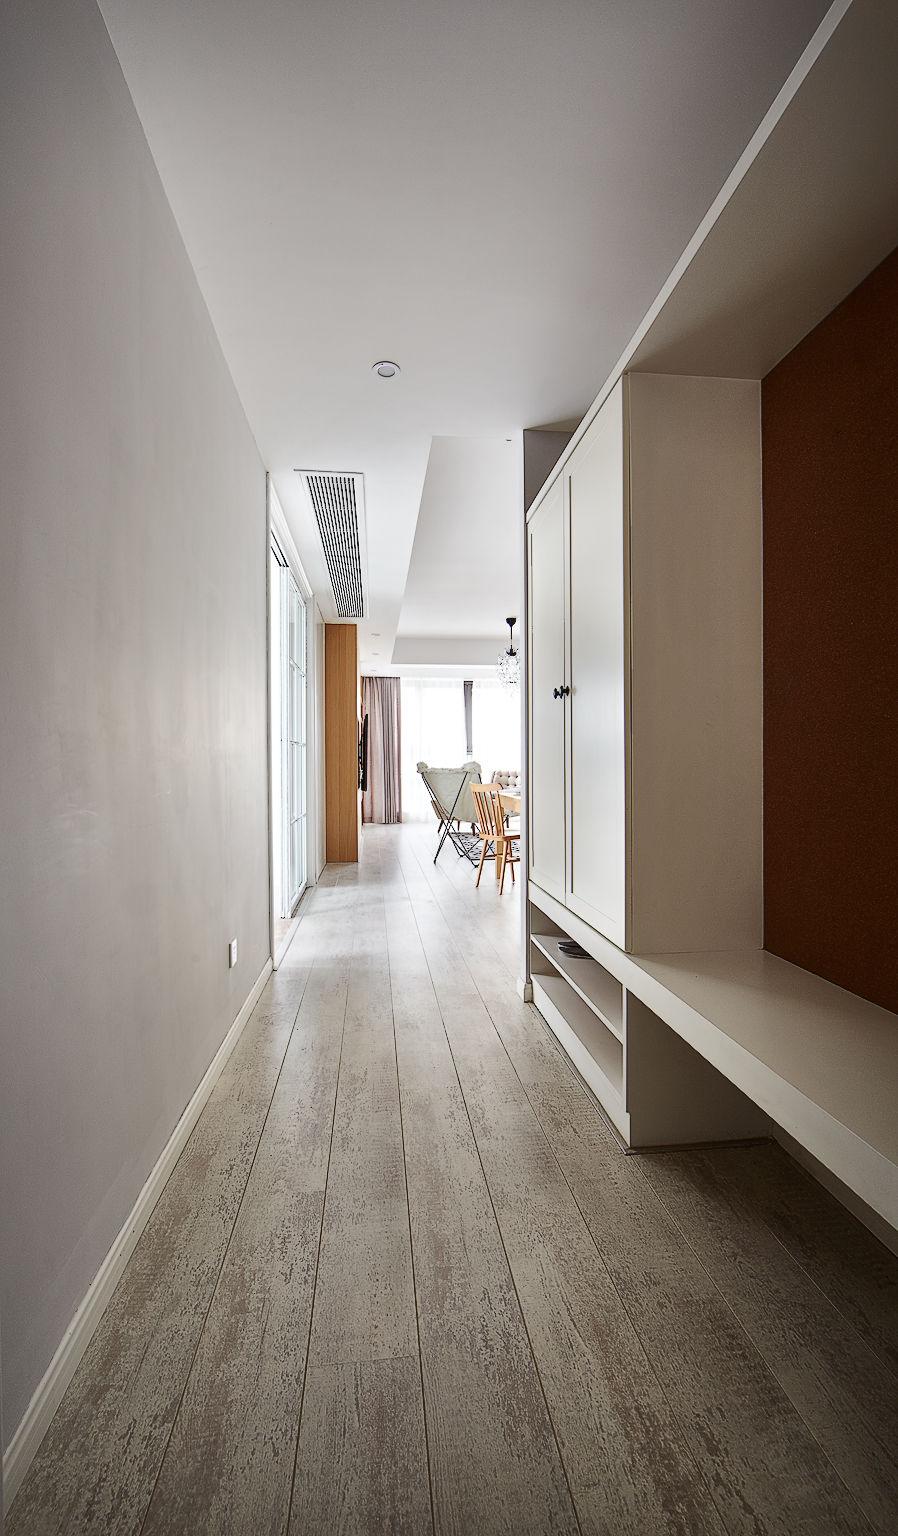 138㎡现代北欧三居走廊装修效果图